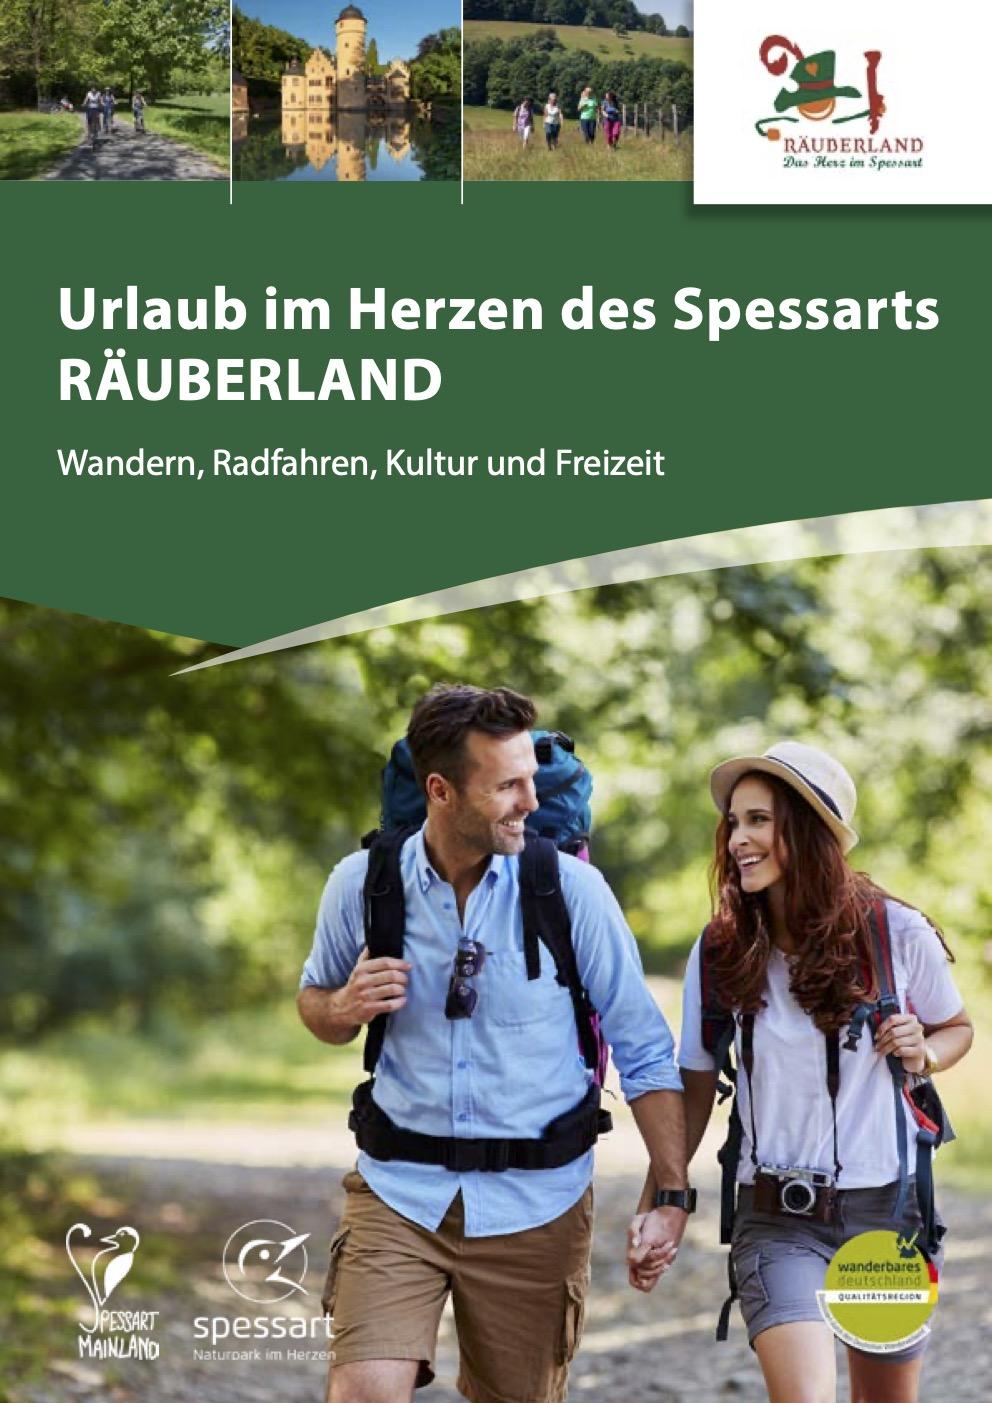 Oberösterreich - Vorschläge für den Winterurlaub 2017/18